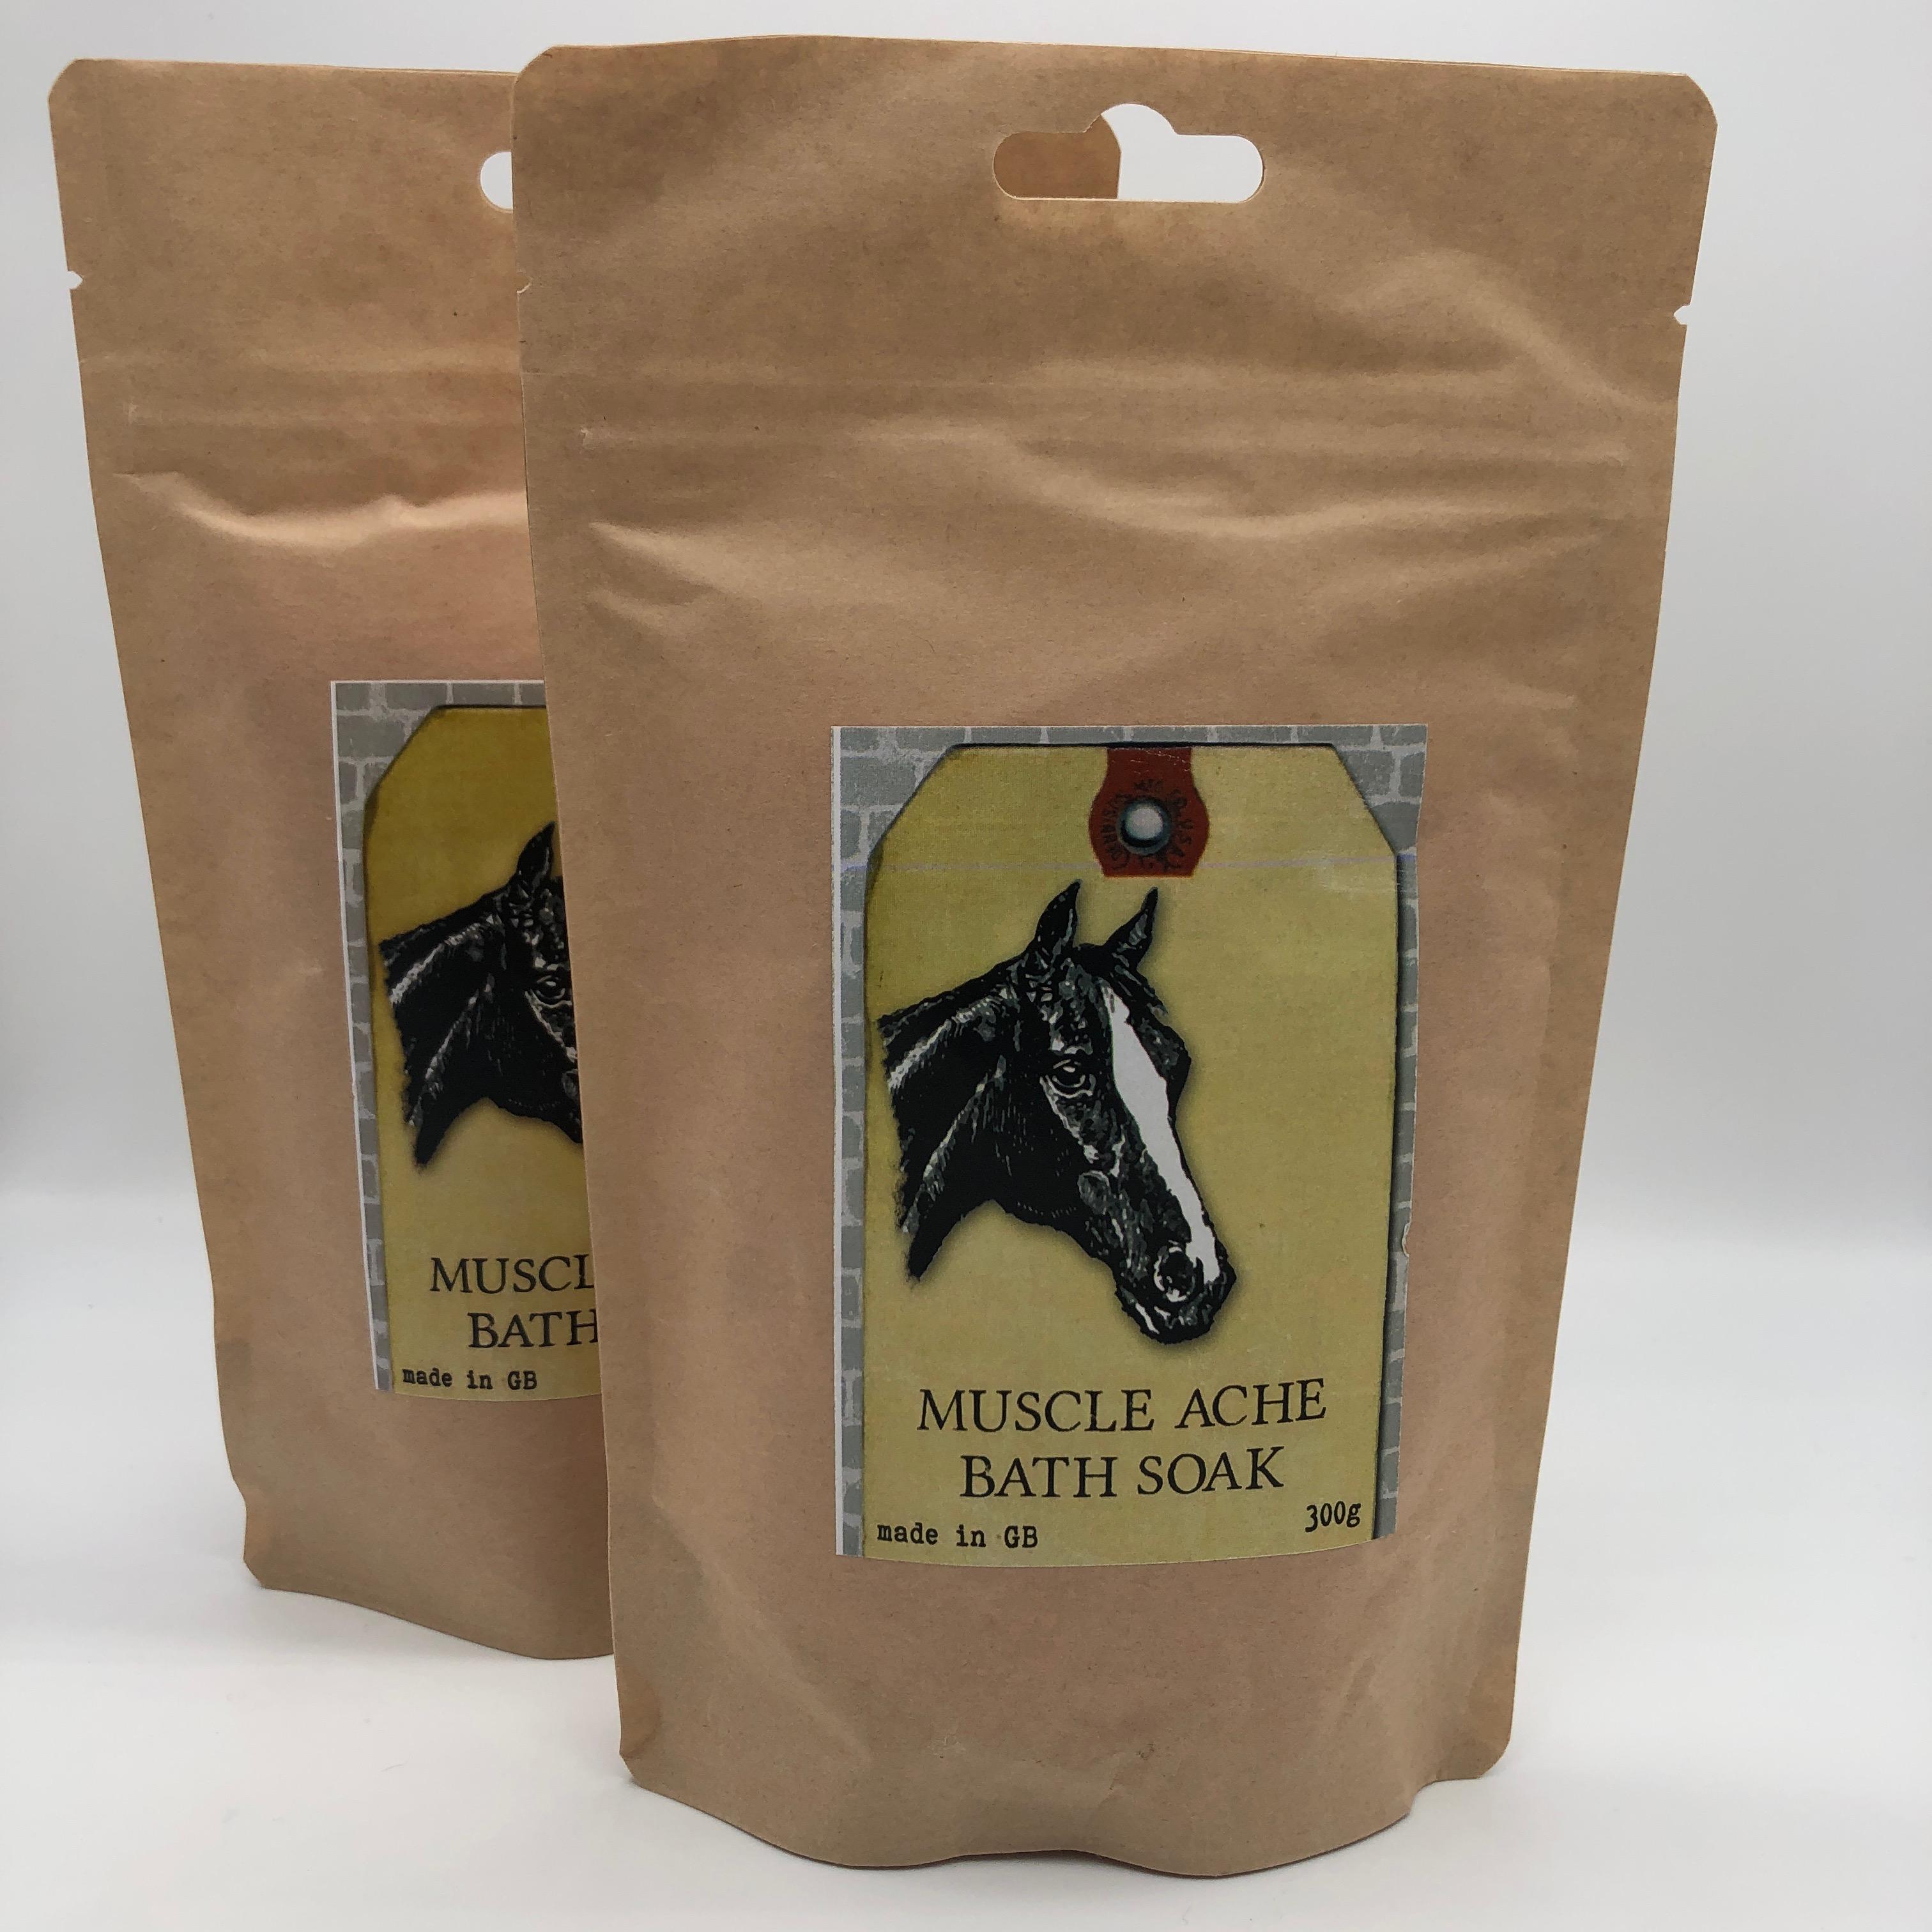 Horse Rider's Bath Soak